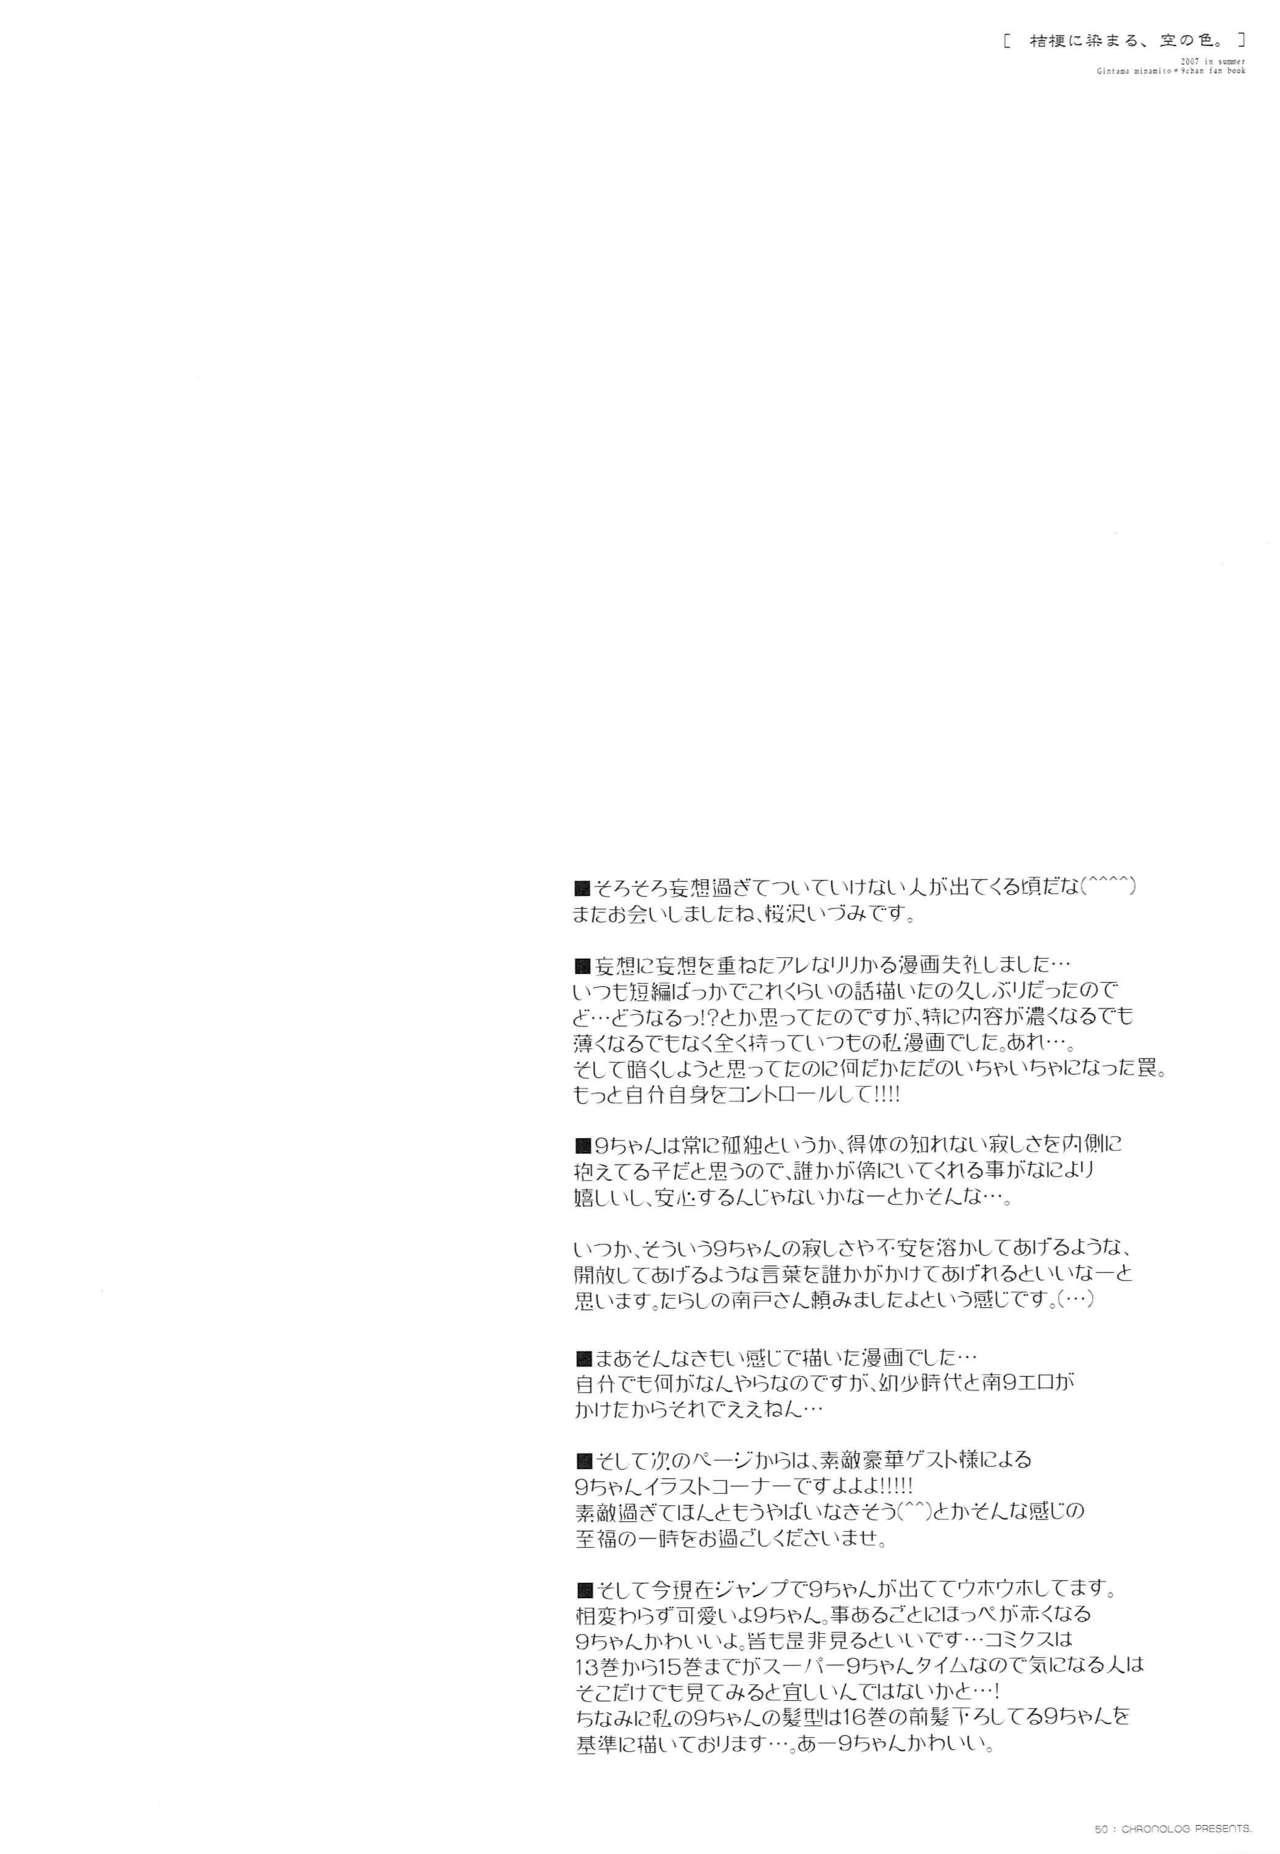 Kikyou ni Somaru Sora no Iro 48